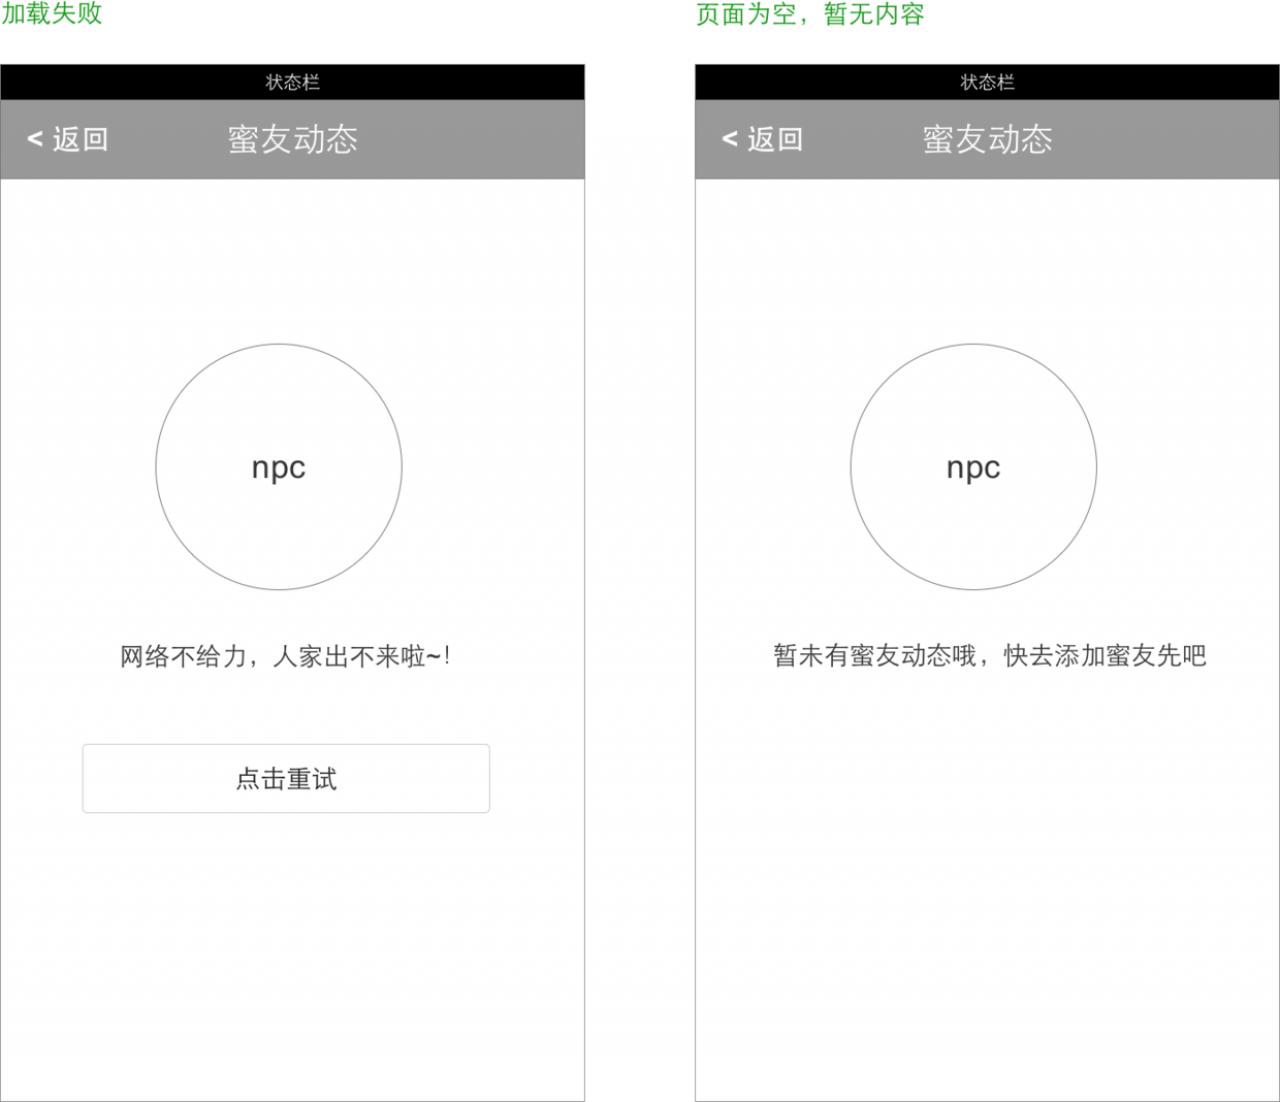 App界面设计风格 | App界面交互设计规范